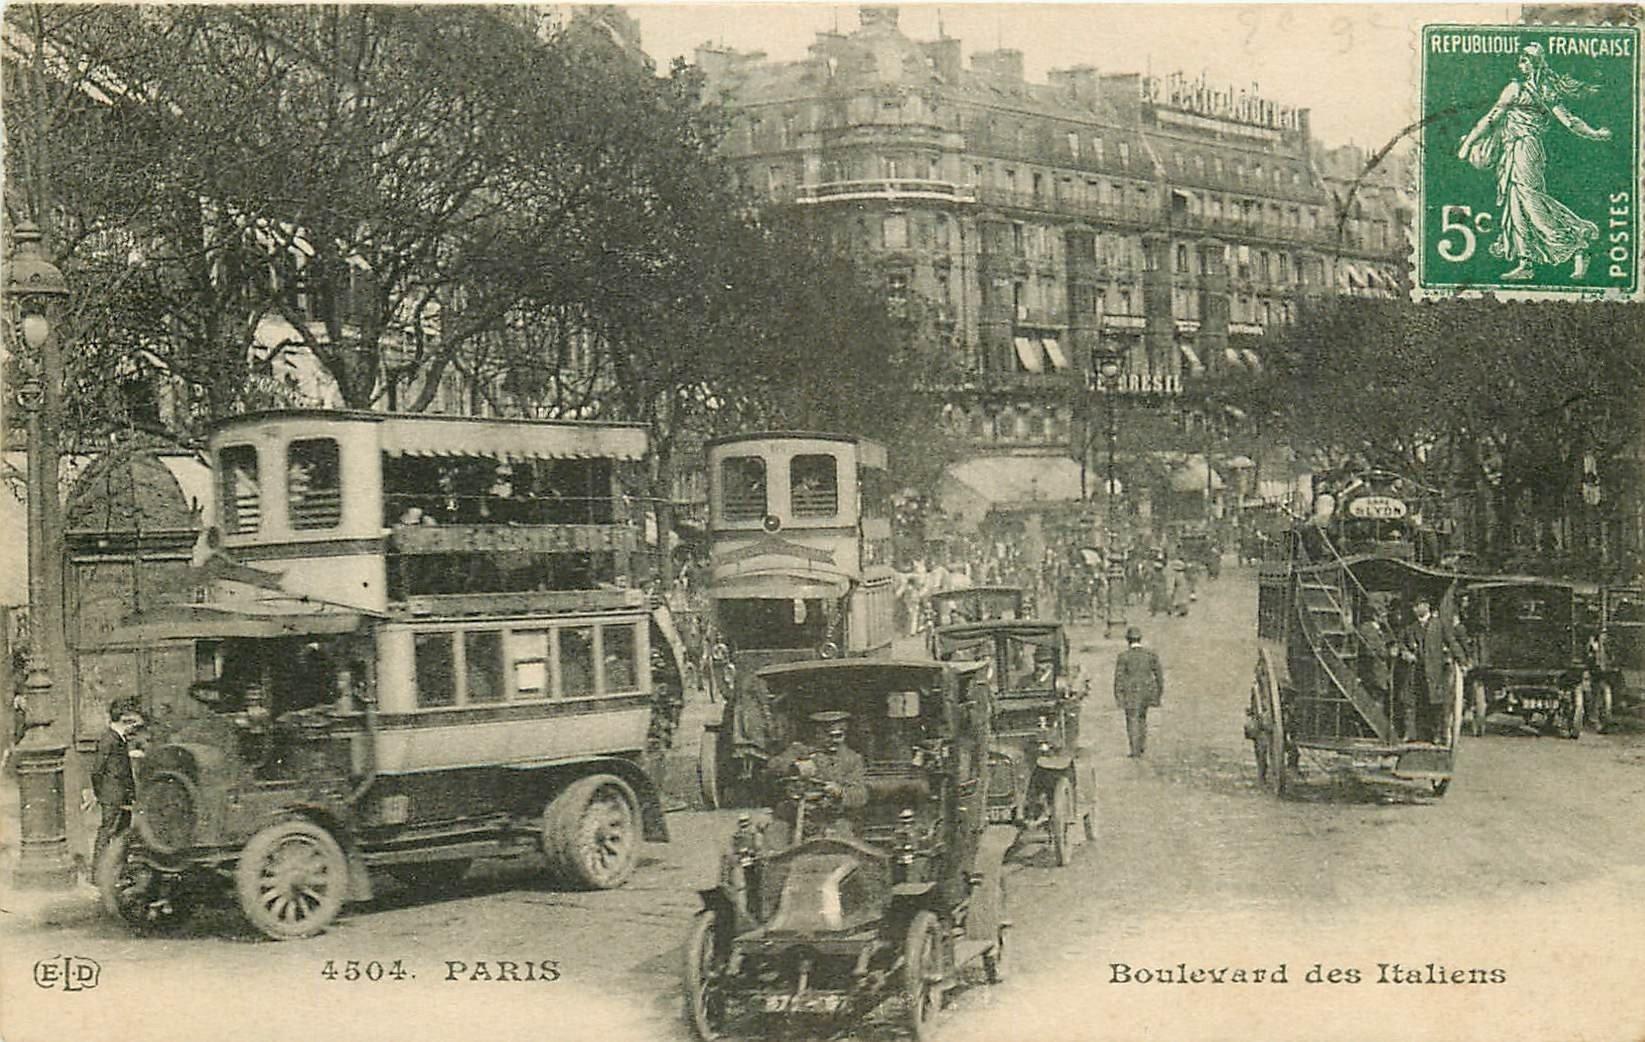 PARIS II° Bus à Impériale et Taxis Boulevard des Italiens vers 1913